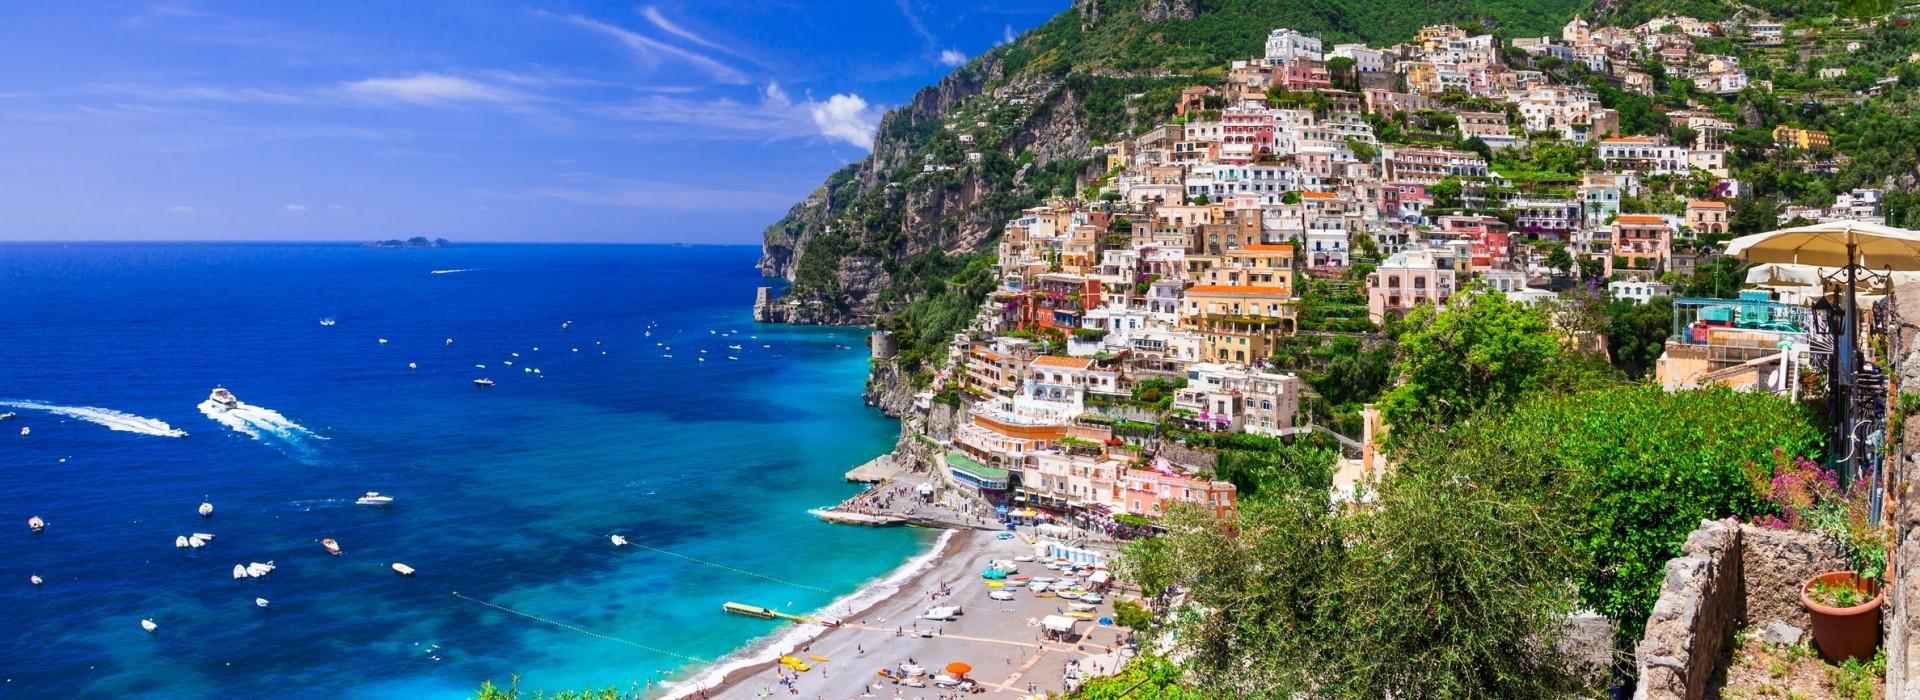 Amalfi Coast & Campania Tours